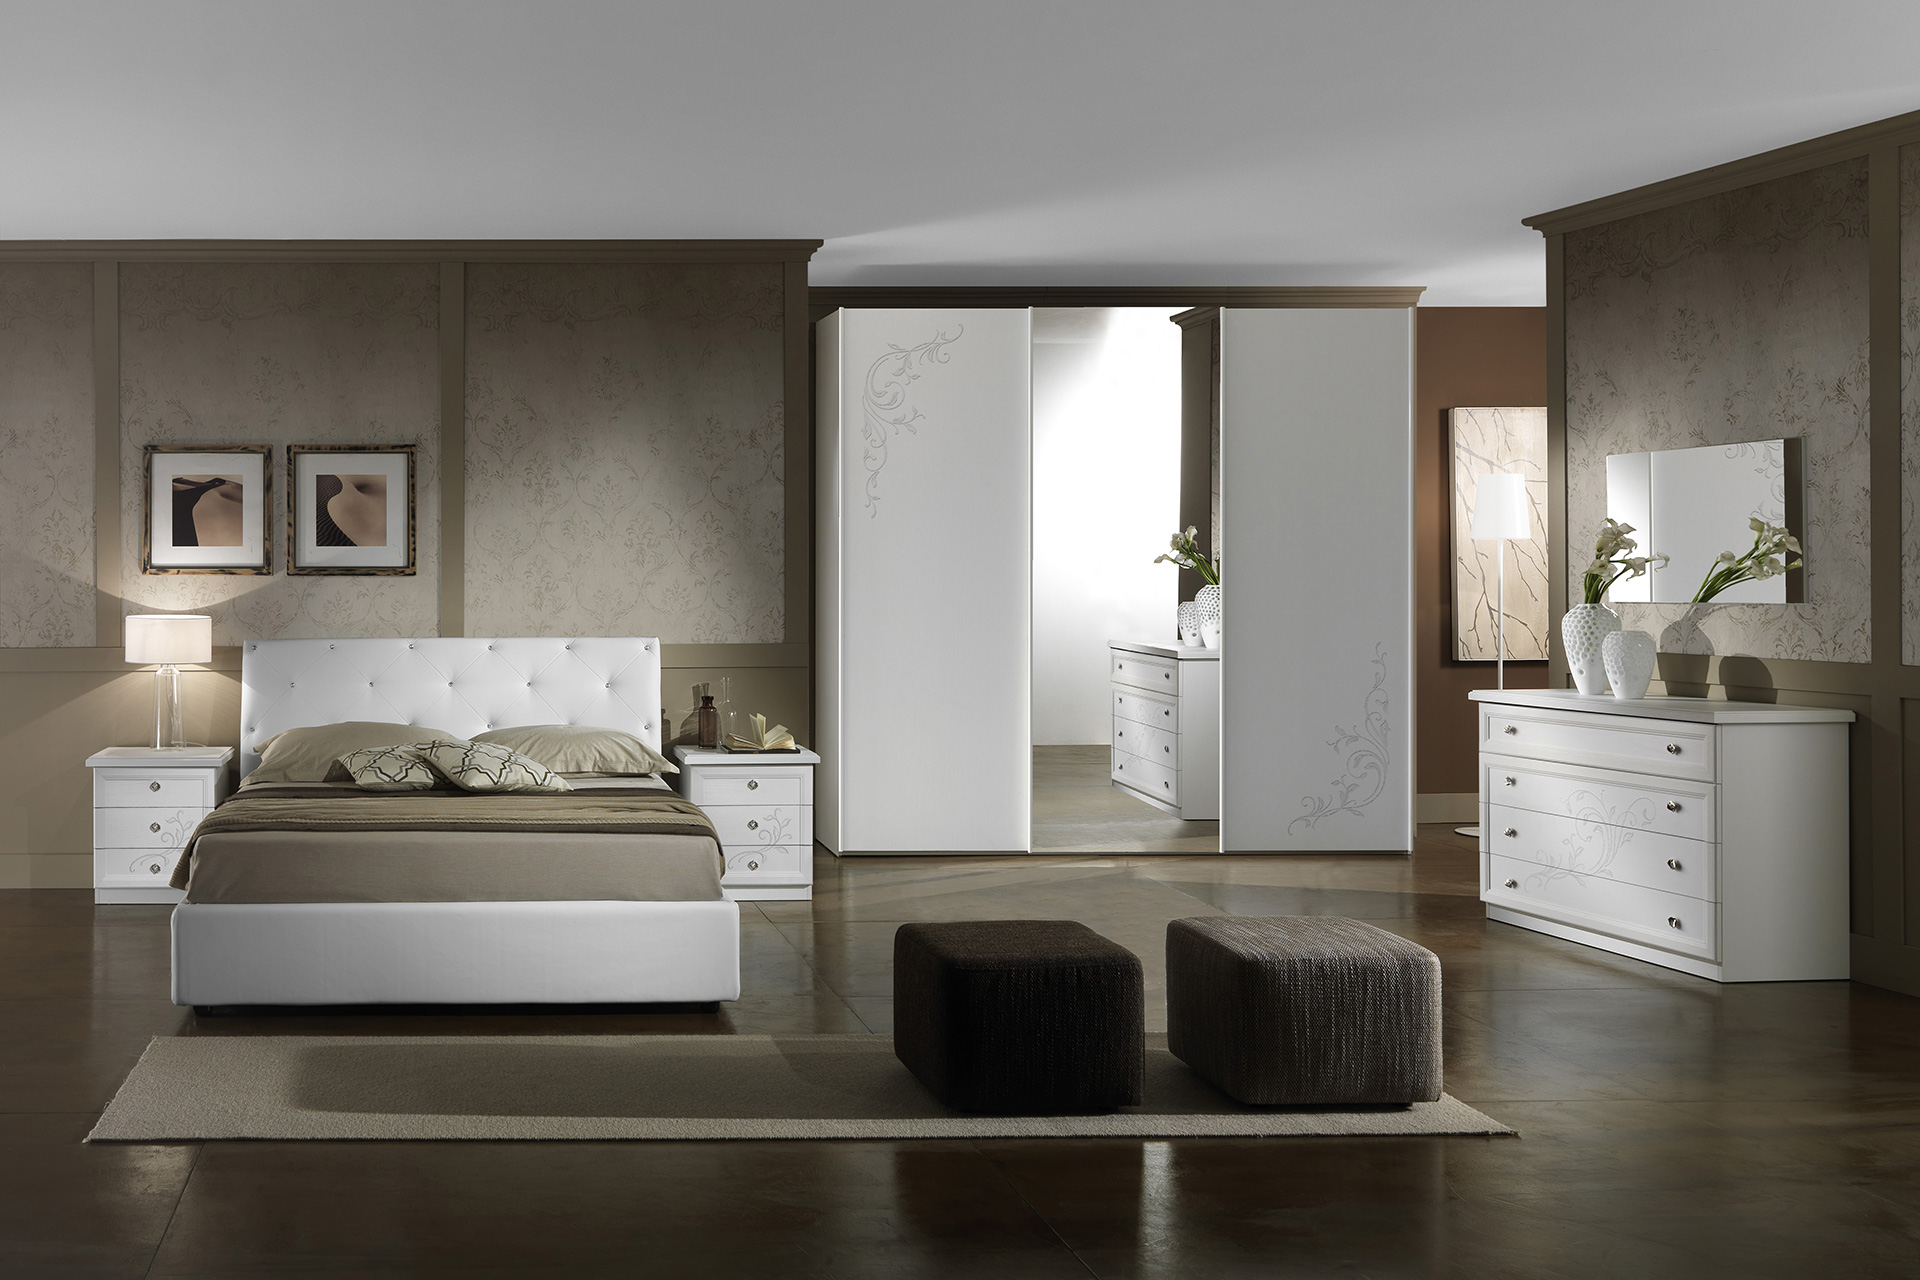 Immagini Camere Da Letto.Camera Da Letto Scorrevole Sara Luxury Arredamenti Di Lorenzo